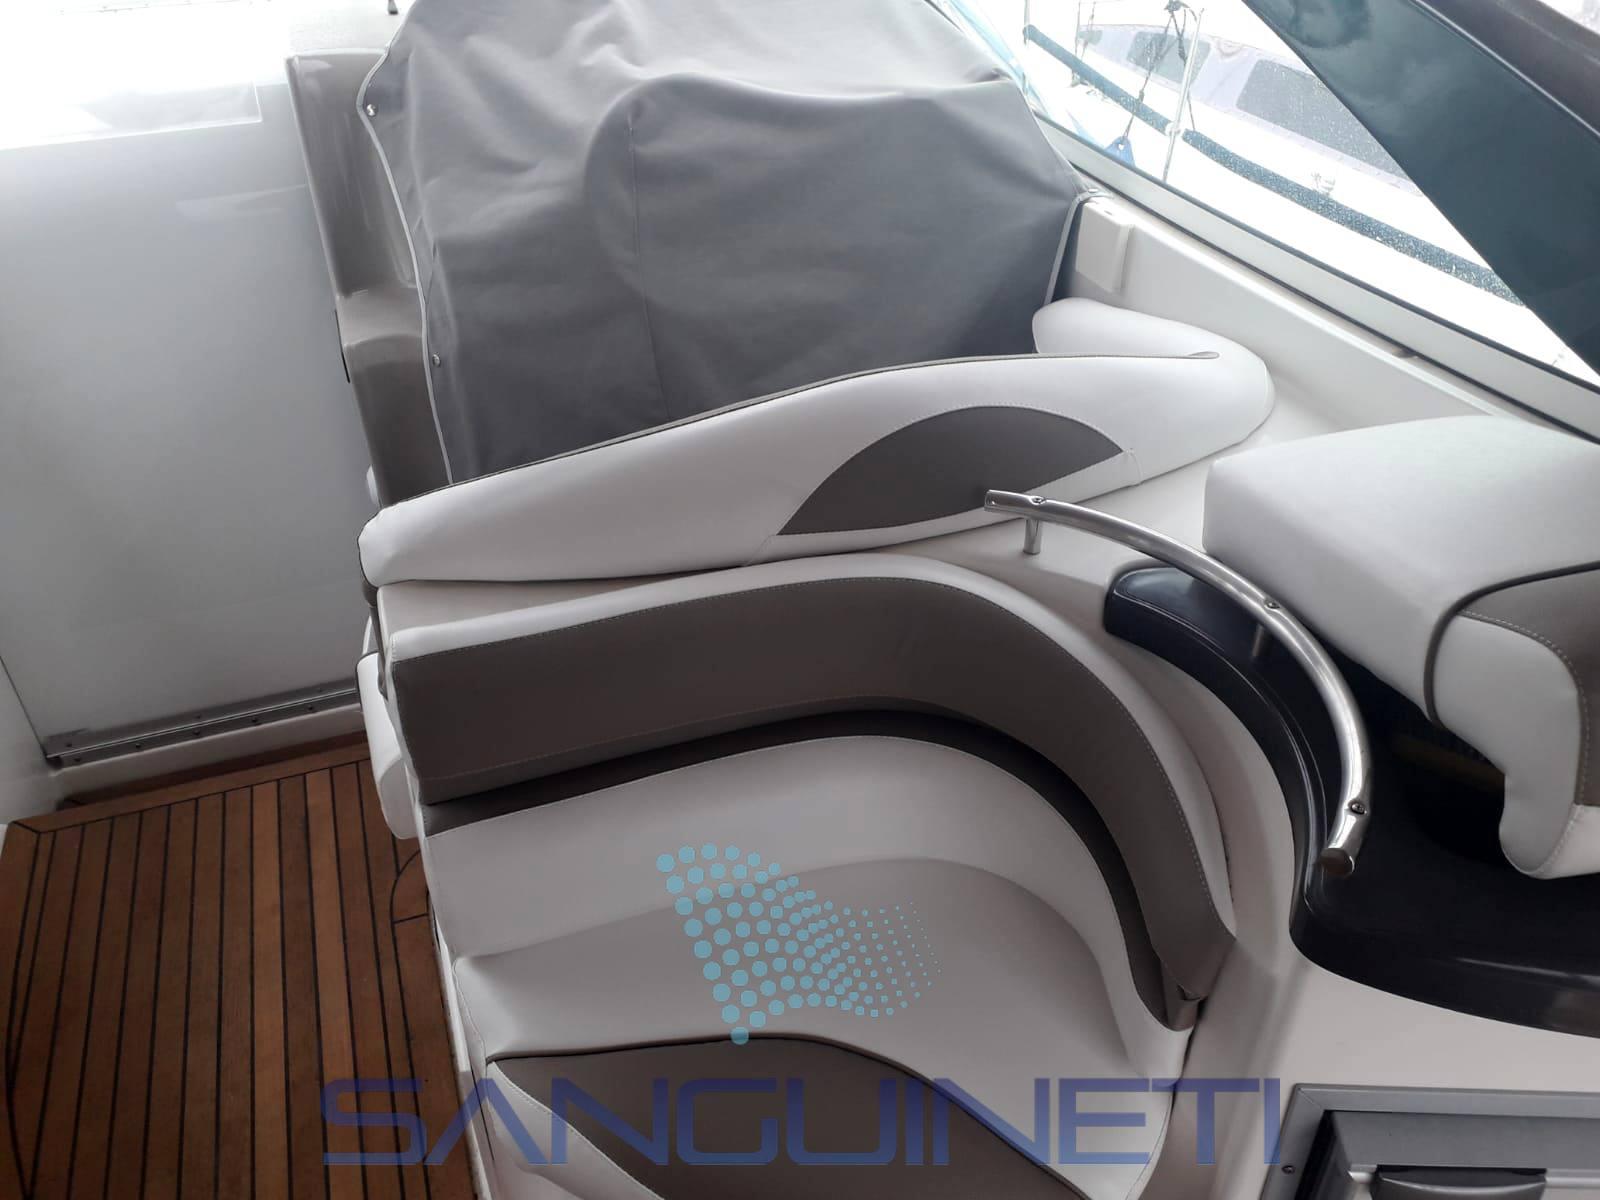 Doral Prestancia 28 Express cruiser